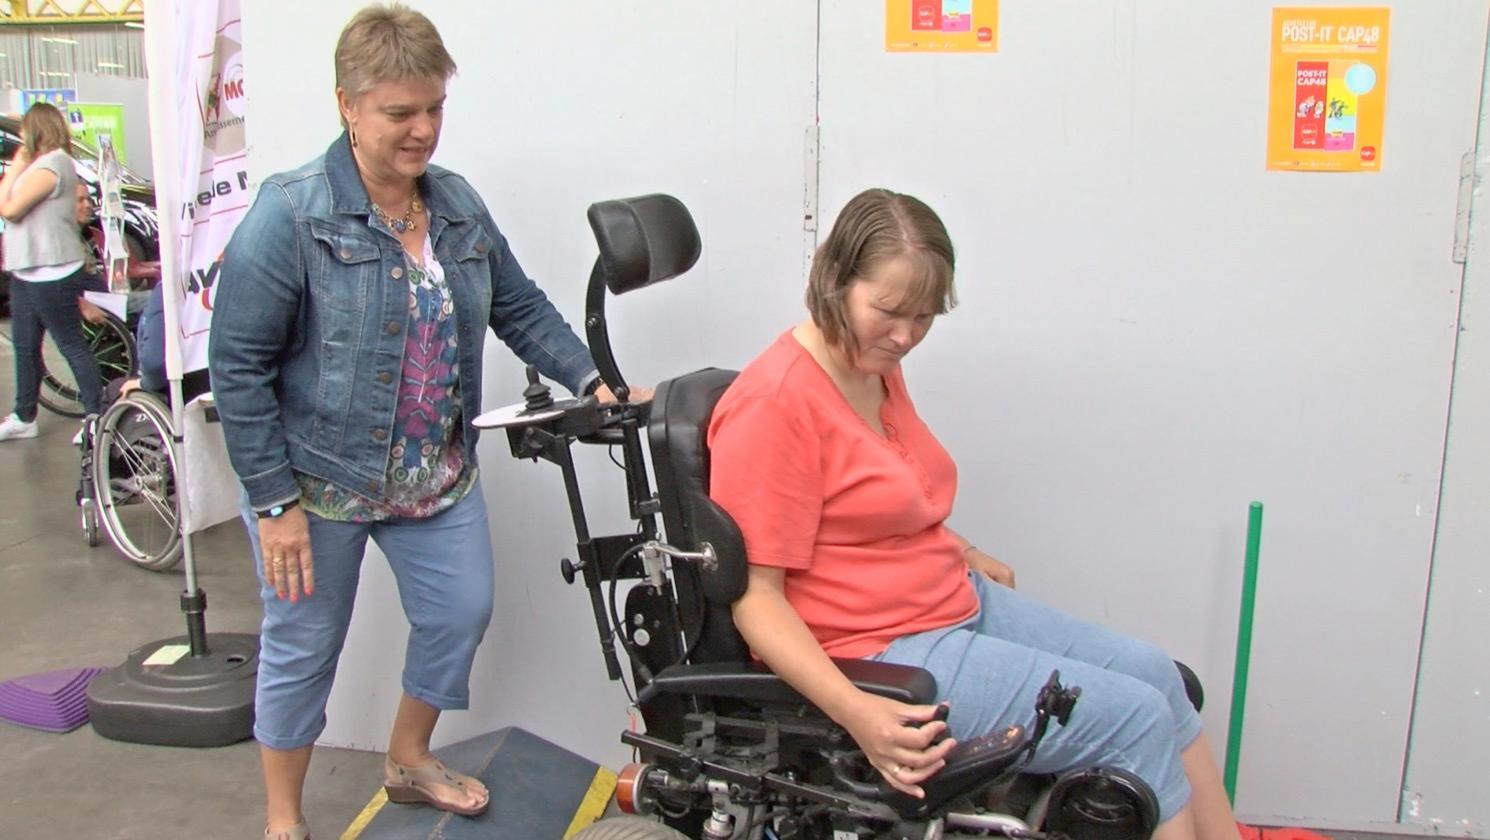 Le salon mobicity de mouscron est report - Salon les charmettes mouscron ...